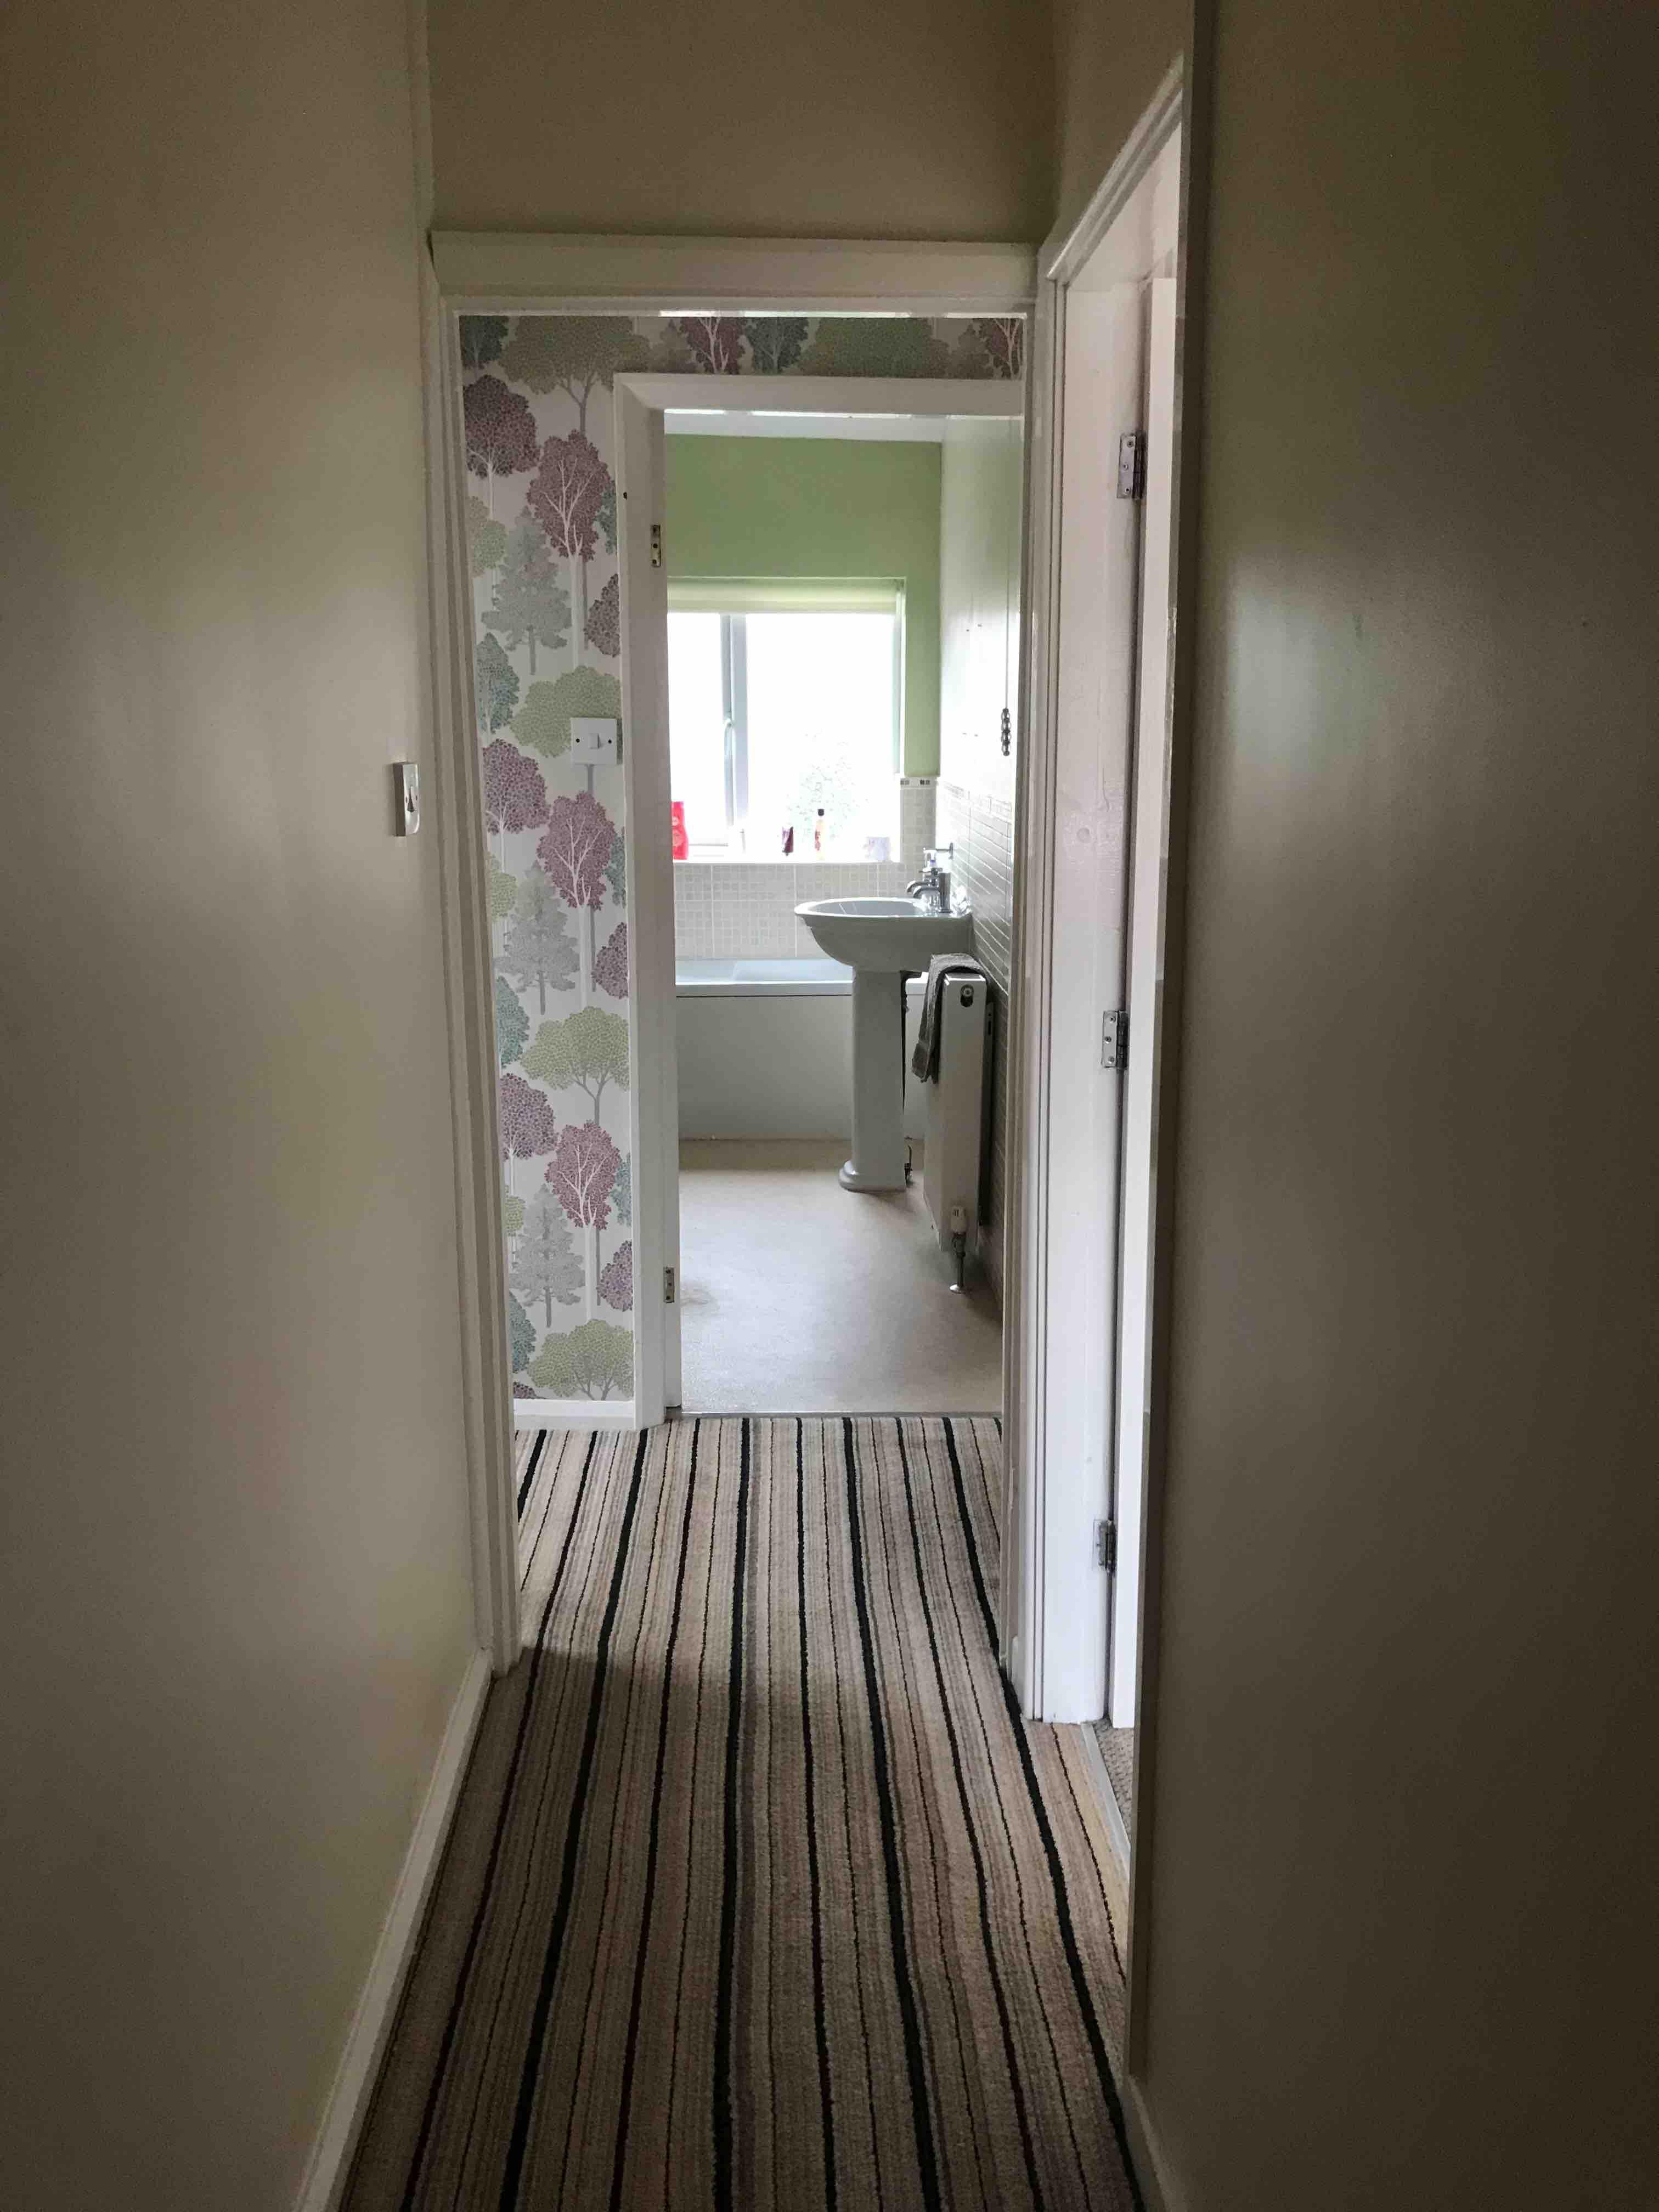 2 rooms in Pontefract, Pontefract, WF8 1JN RoomsLocal image